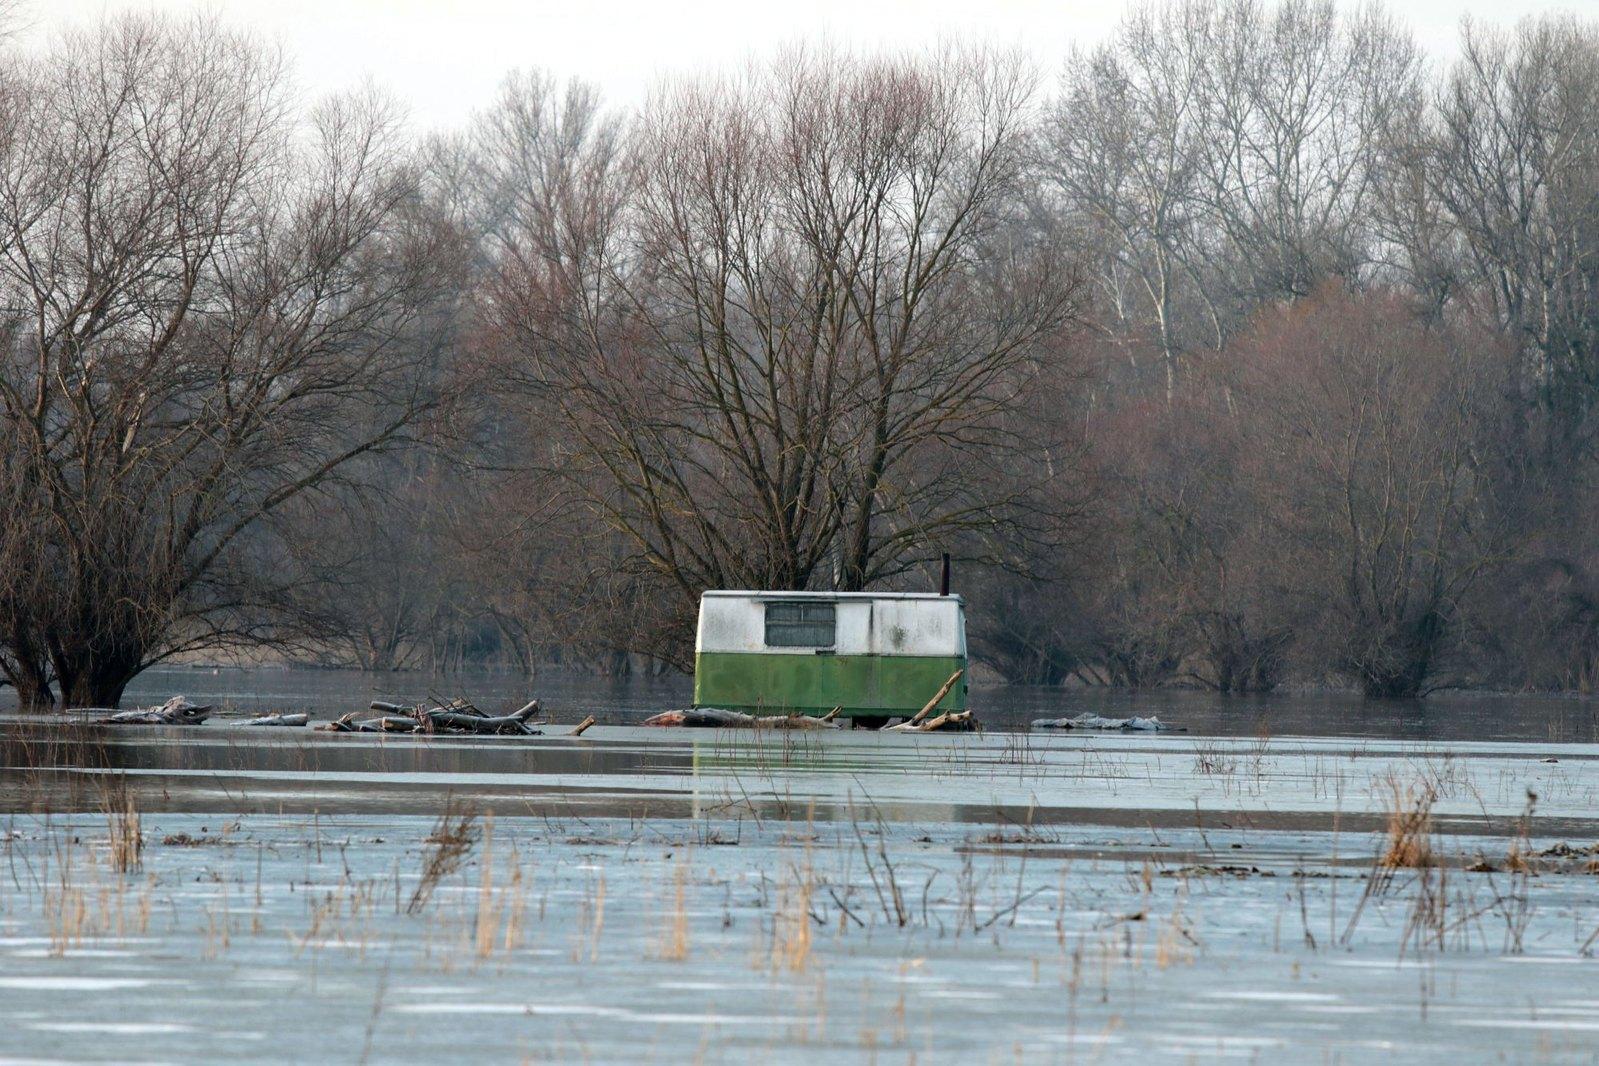 Egyre nagyobb az árvízvédelmi készültség a Tiszán